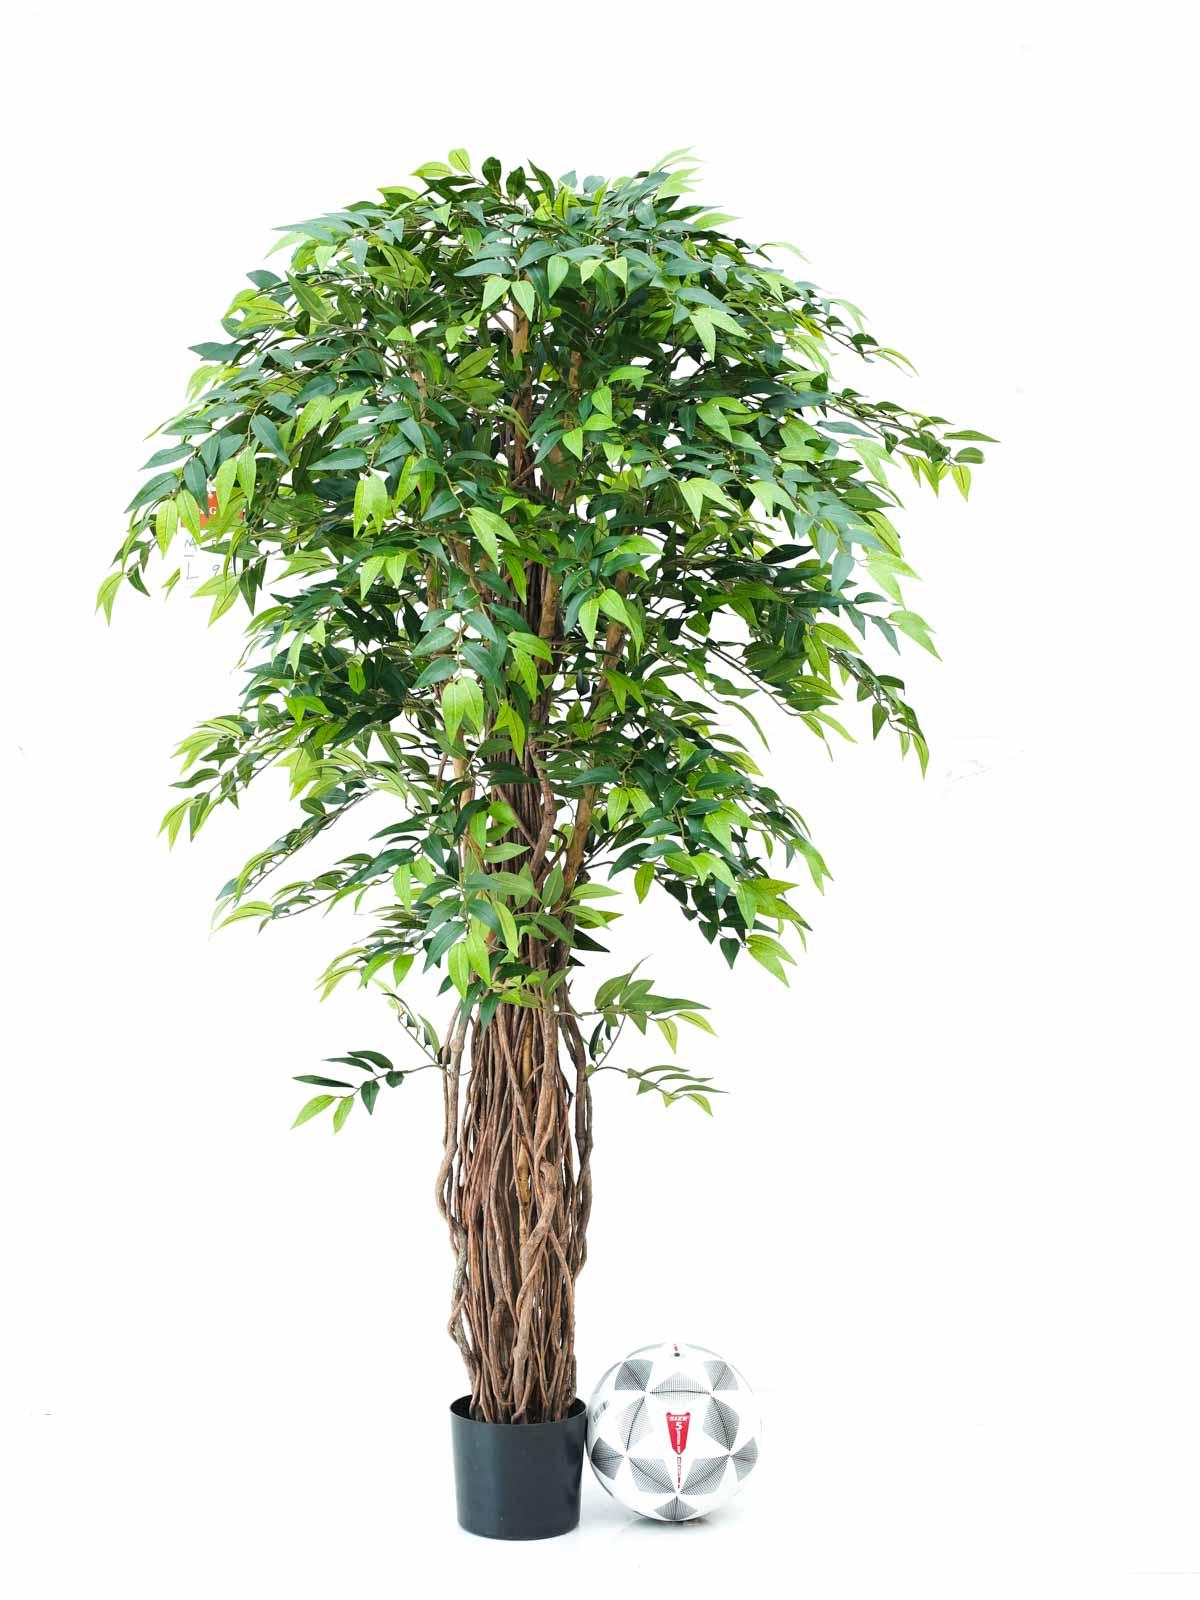 شجرة فرانس فايكس ليون ليانا نباتات اصطناعية